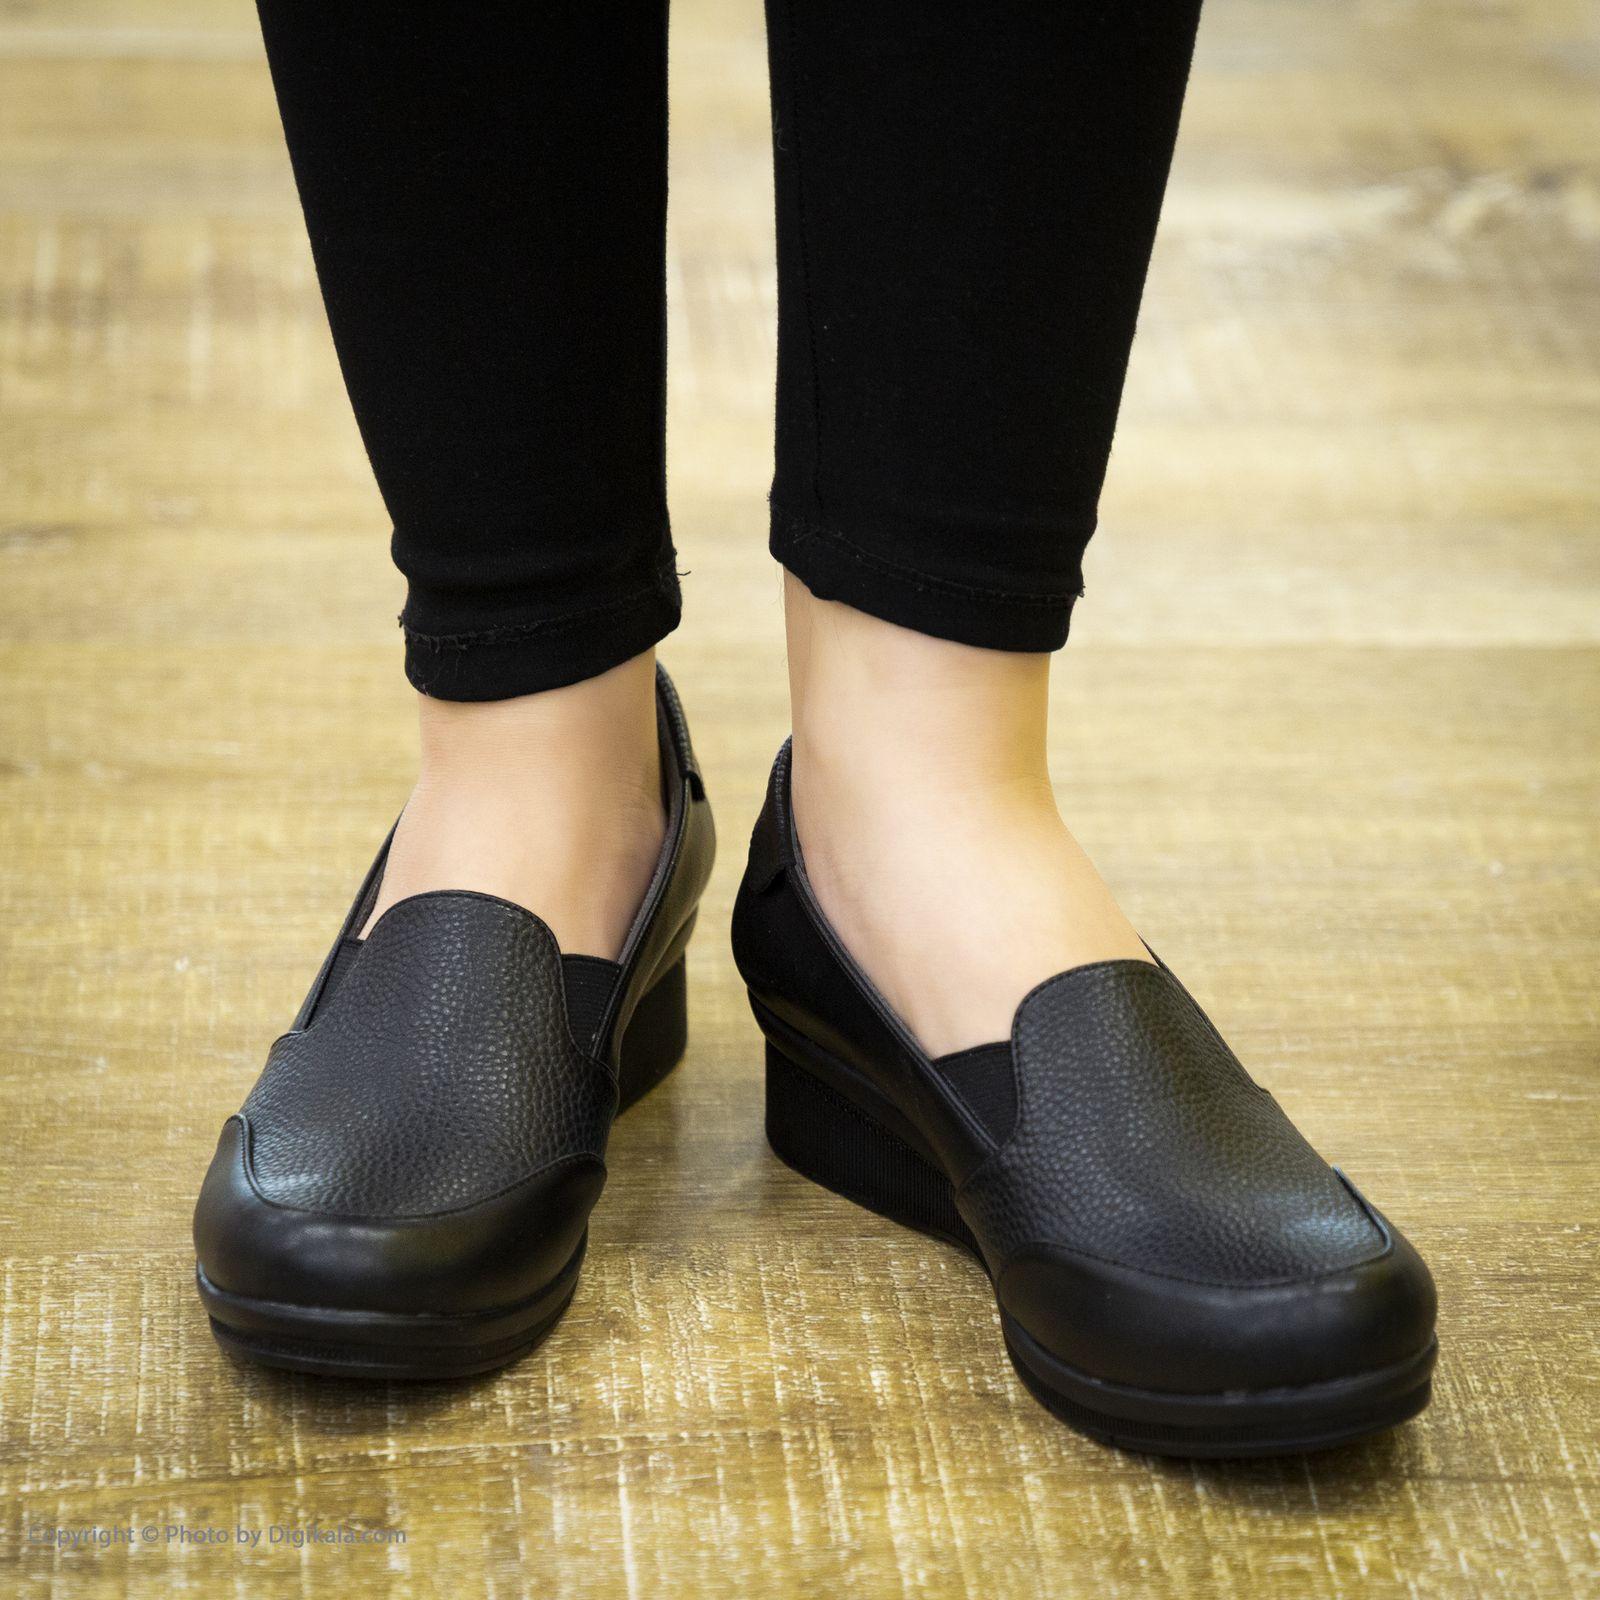 کفش طبی زنانه کد 2014 main 1 5